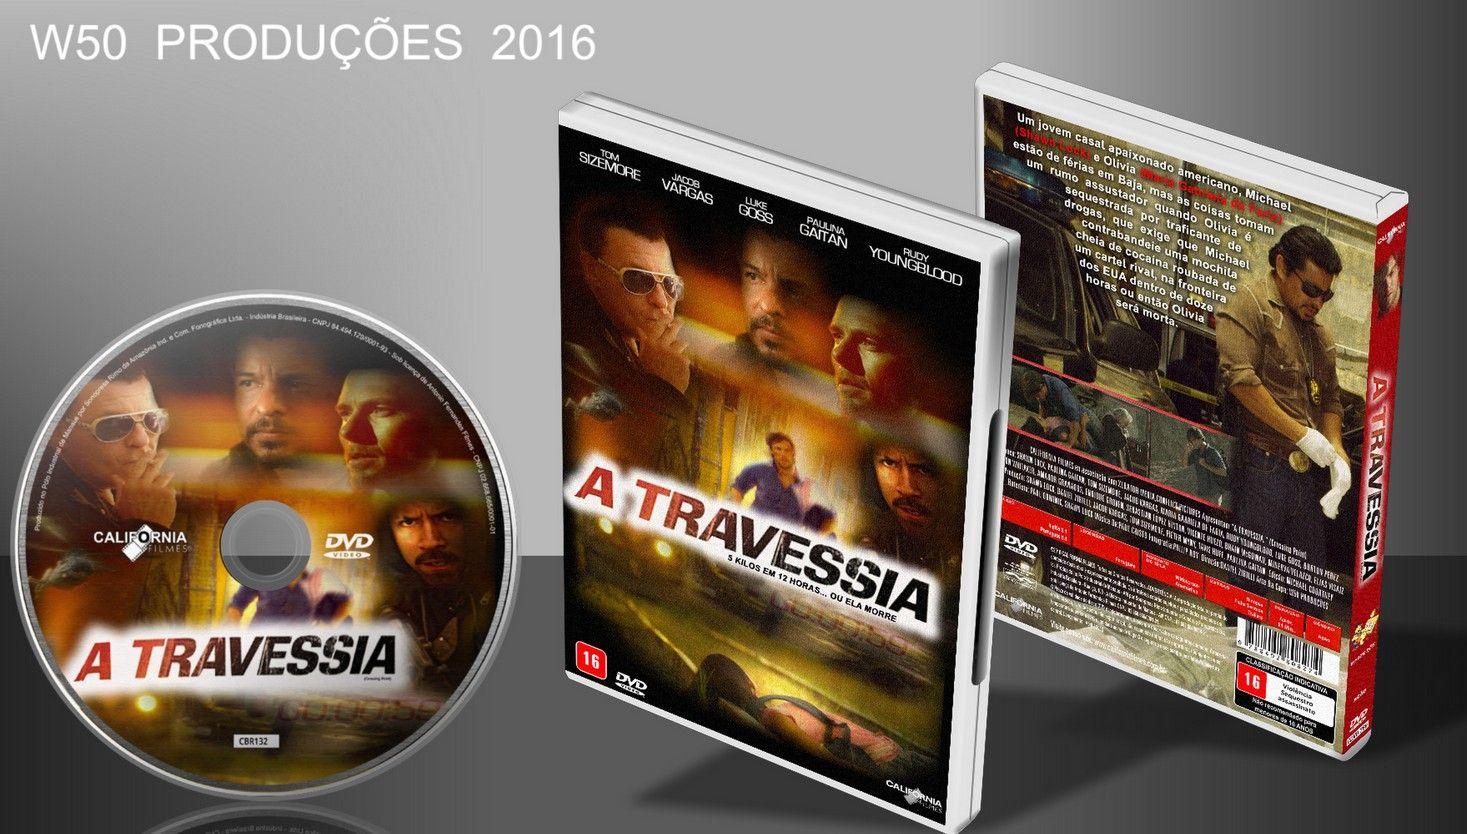 A Travessia - DVD 3 - ➨ Vitrine - Galeria De Capas - MundoNet | Capas & Labels Customizados